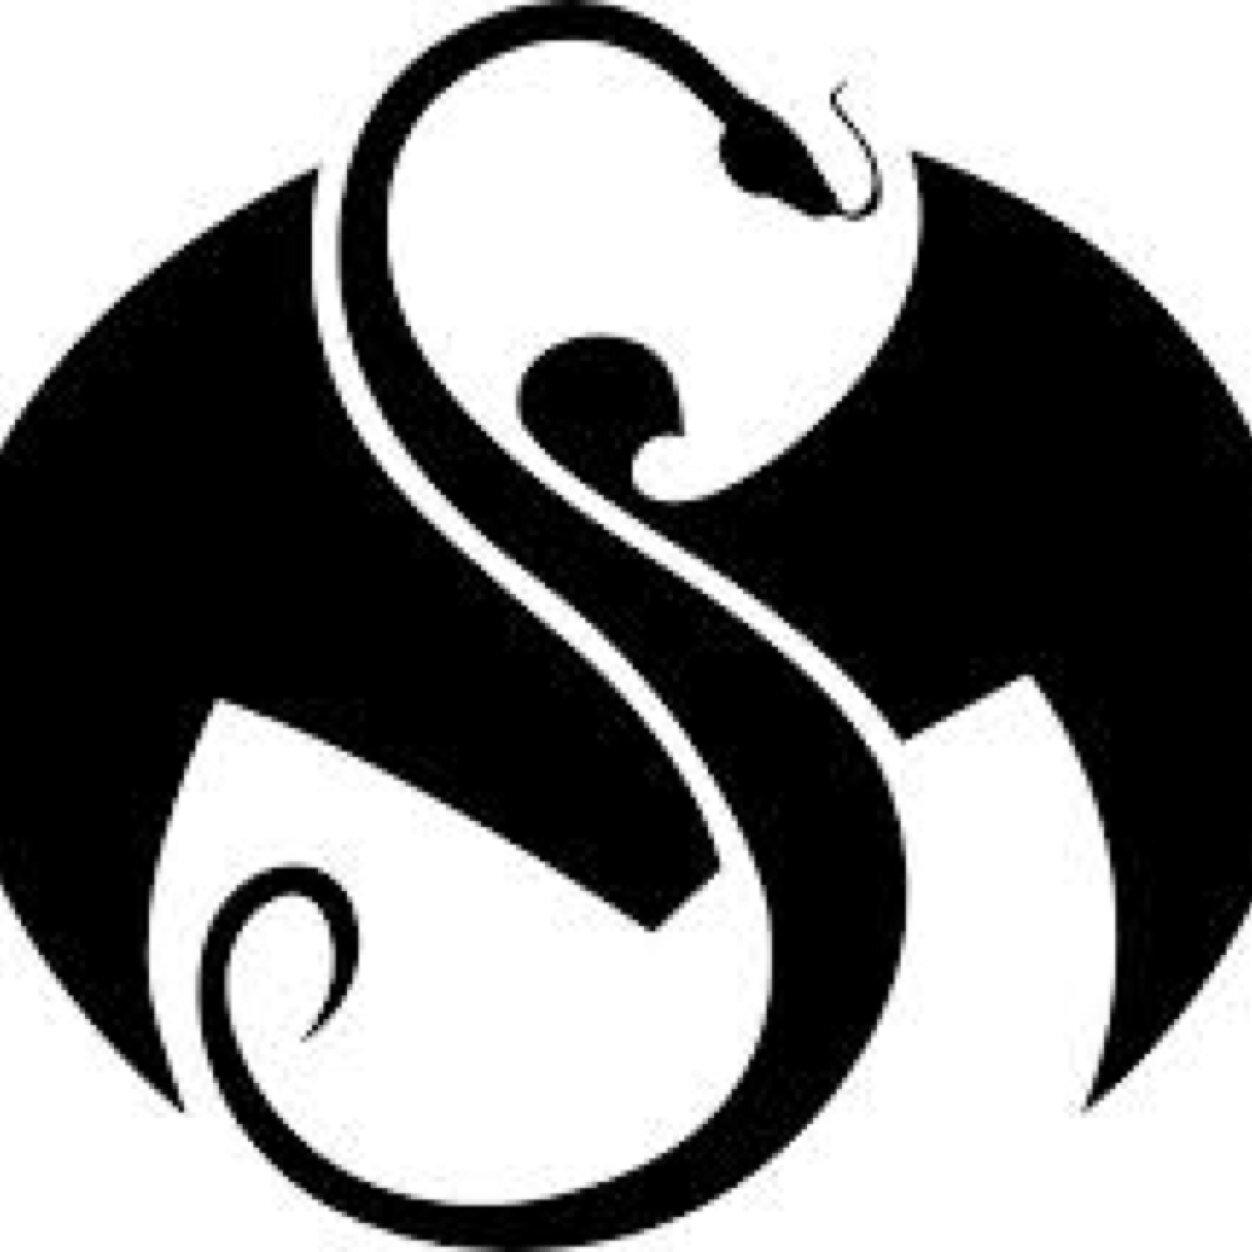 Strange Music Fans Strangefansfl Twitter